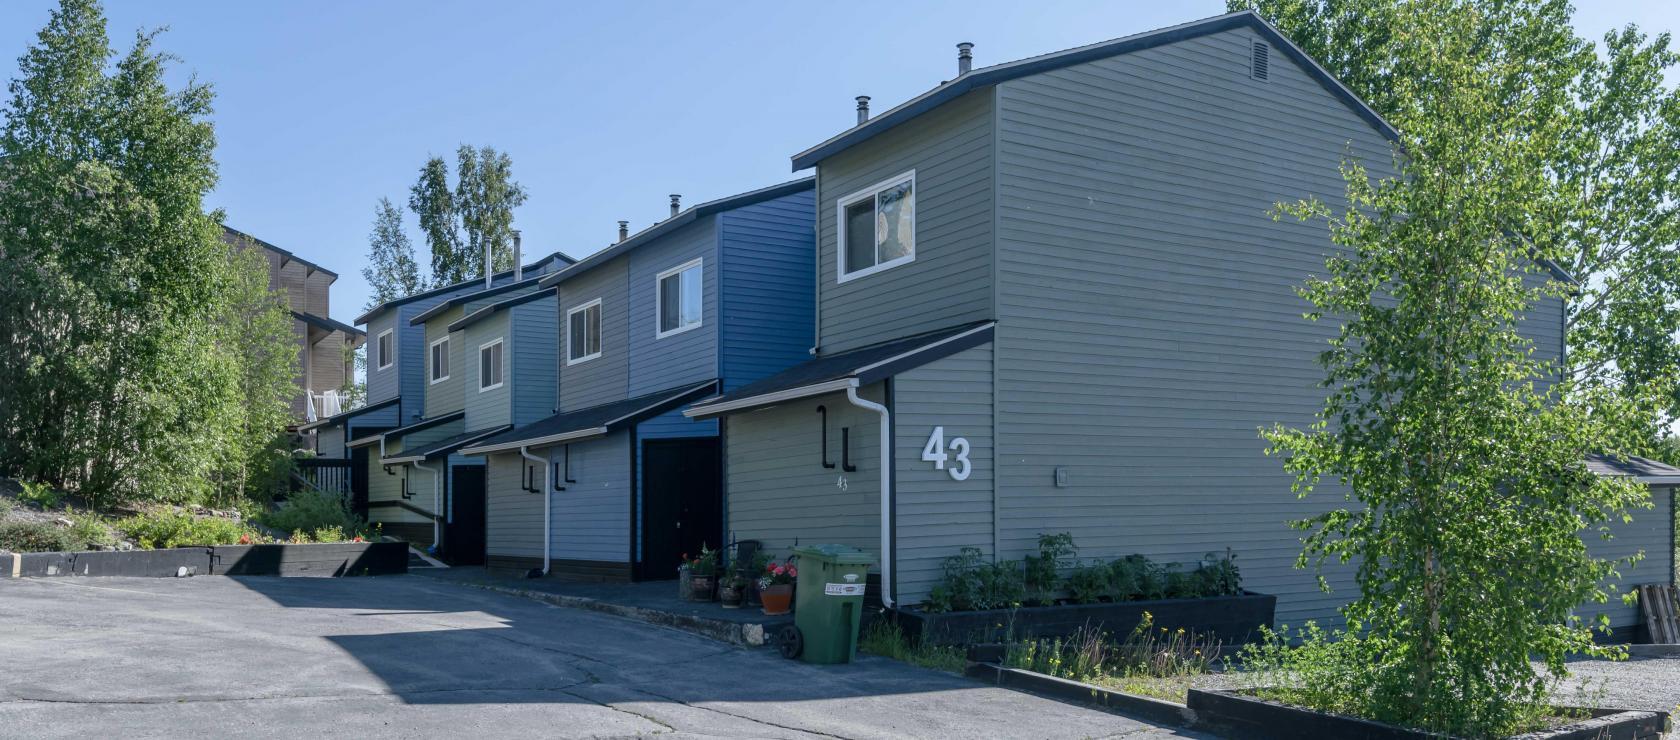 1054 - 43 Rycon Drive, Con Area, Yellowknife 2